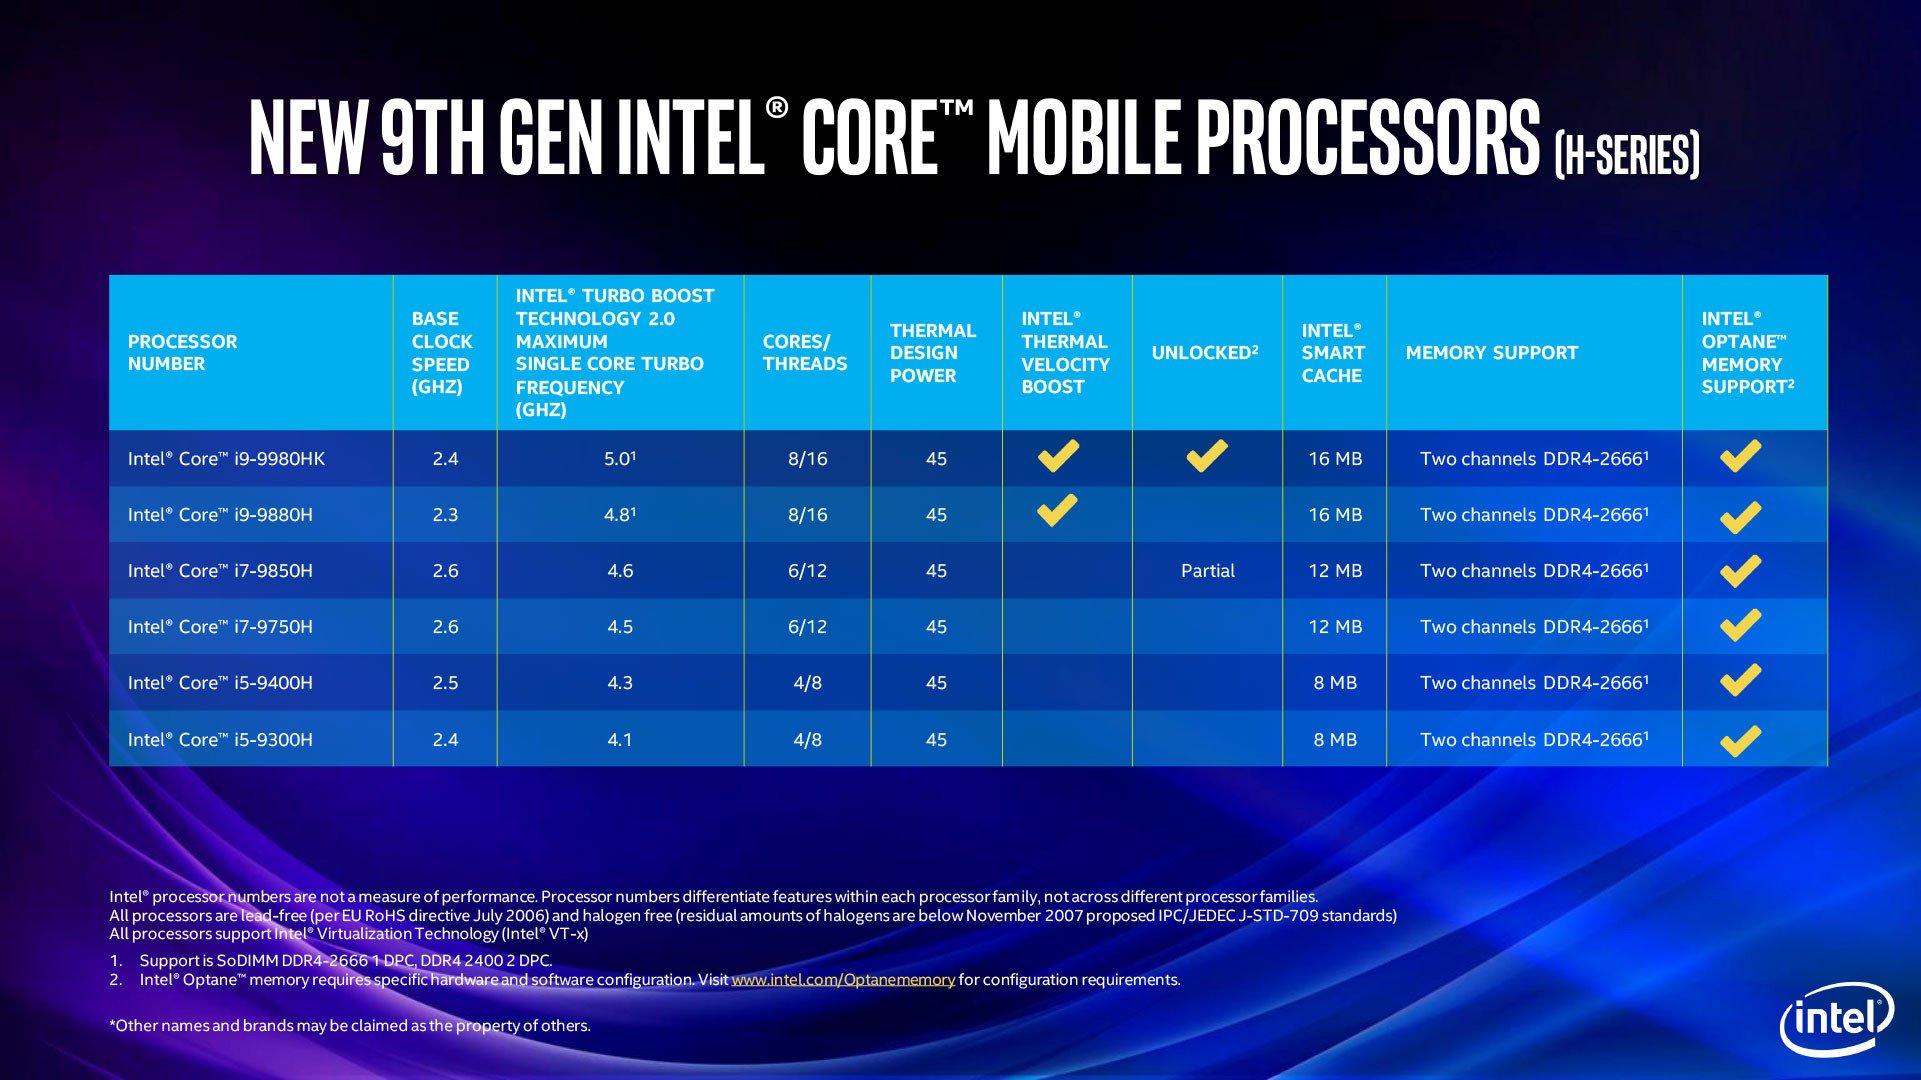 Image 5 : Intel étend sa gamme de processeurs desktop et mobiles